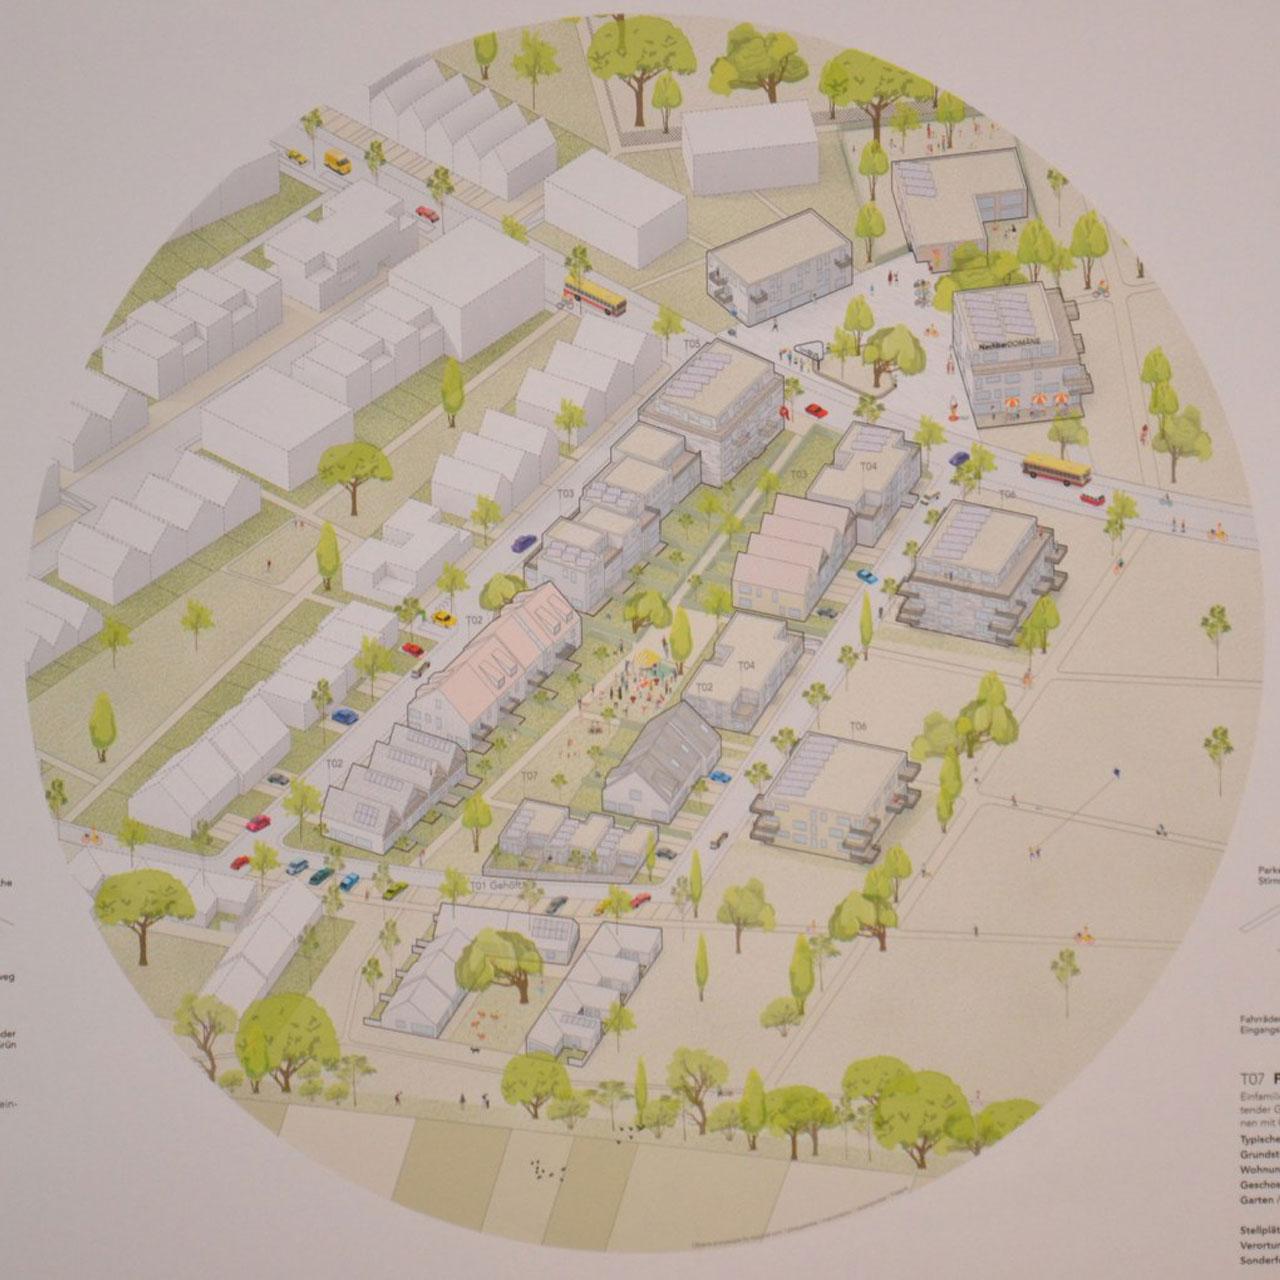 In dem preisgekrönten Konzept ist eine Bebauung mit unterschiedlichen Haustypen vorgesehen. © Stadt Limburg